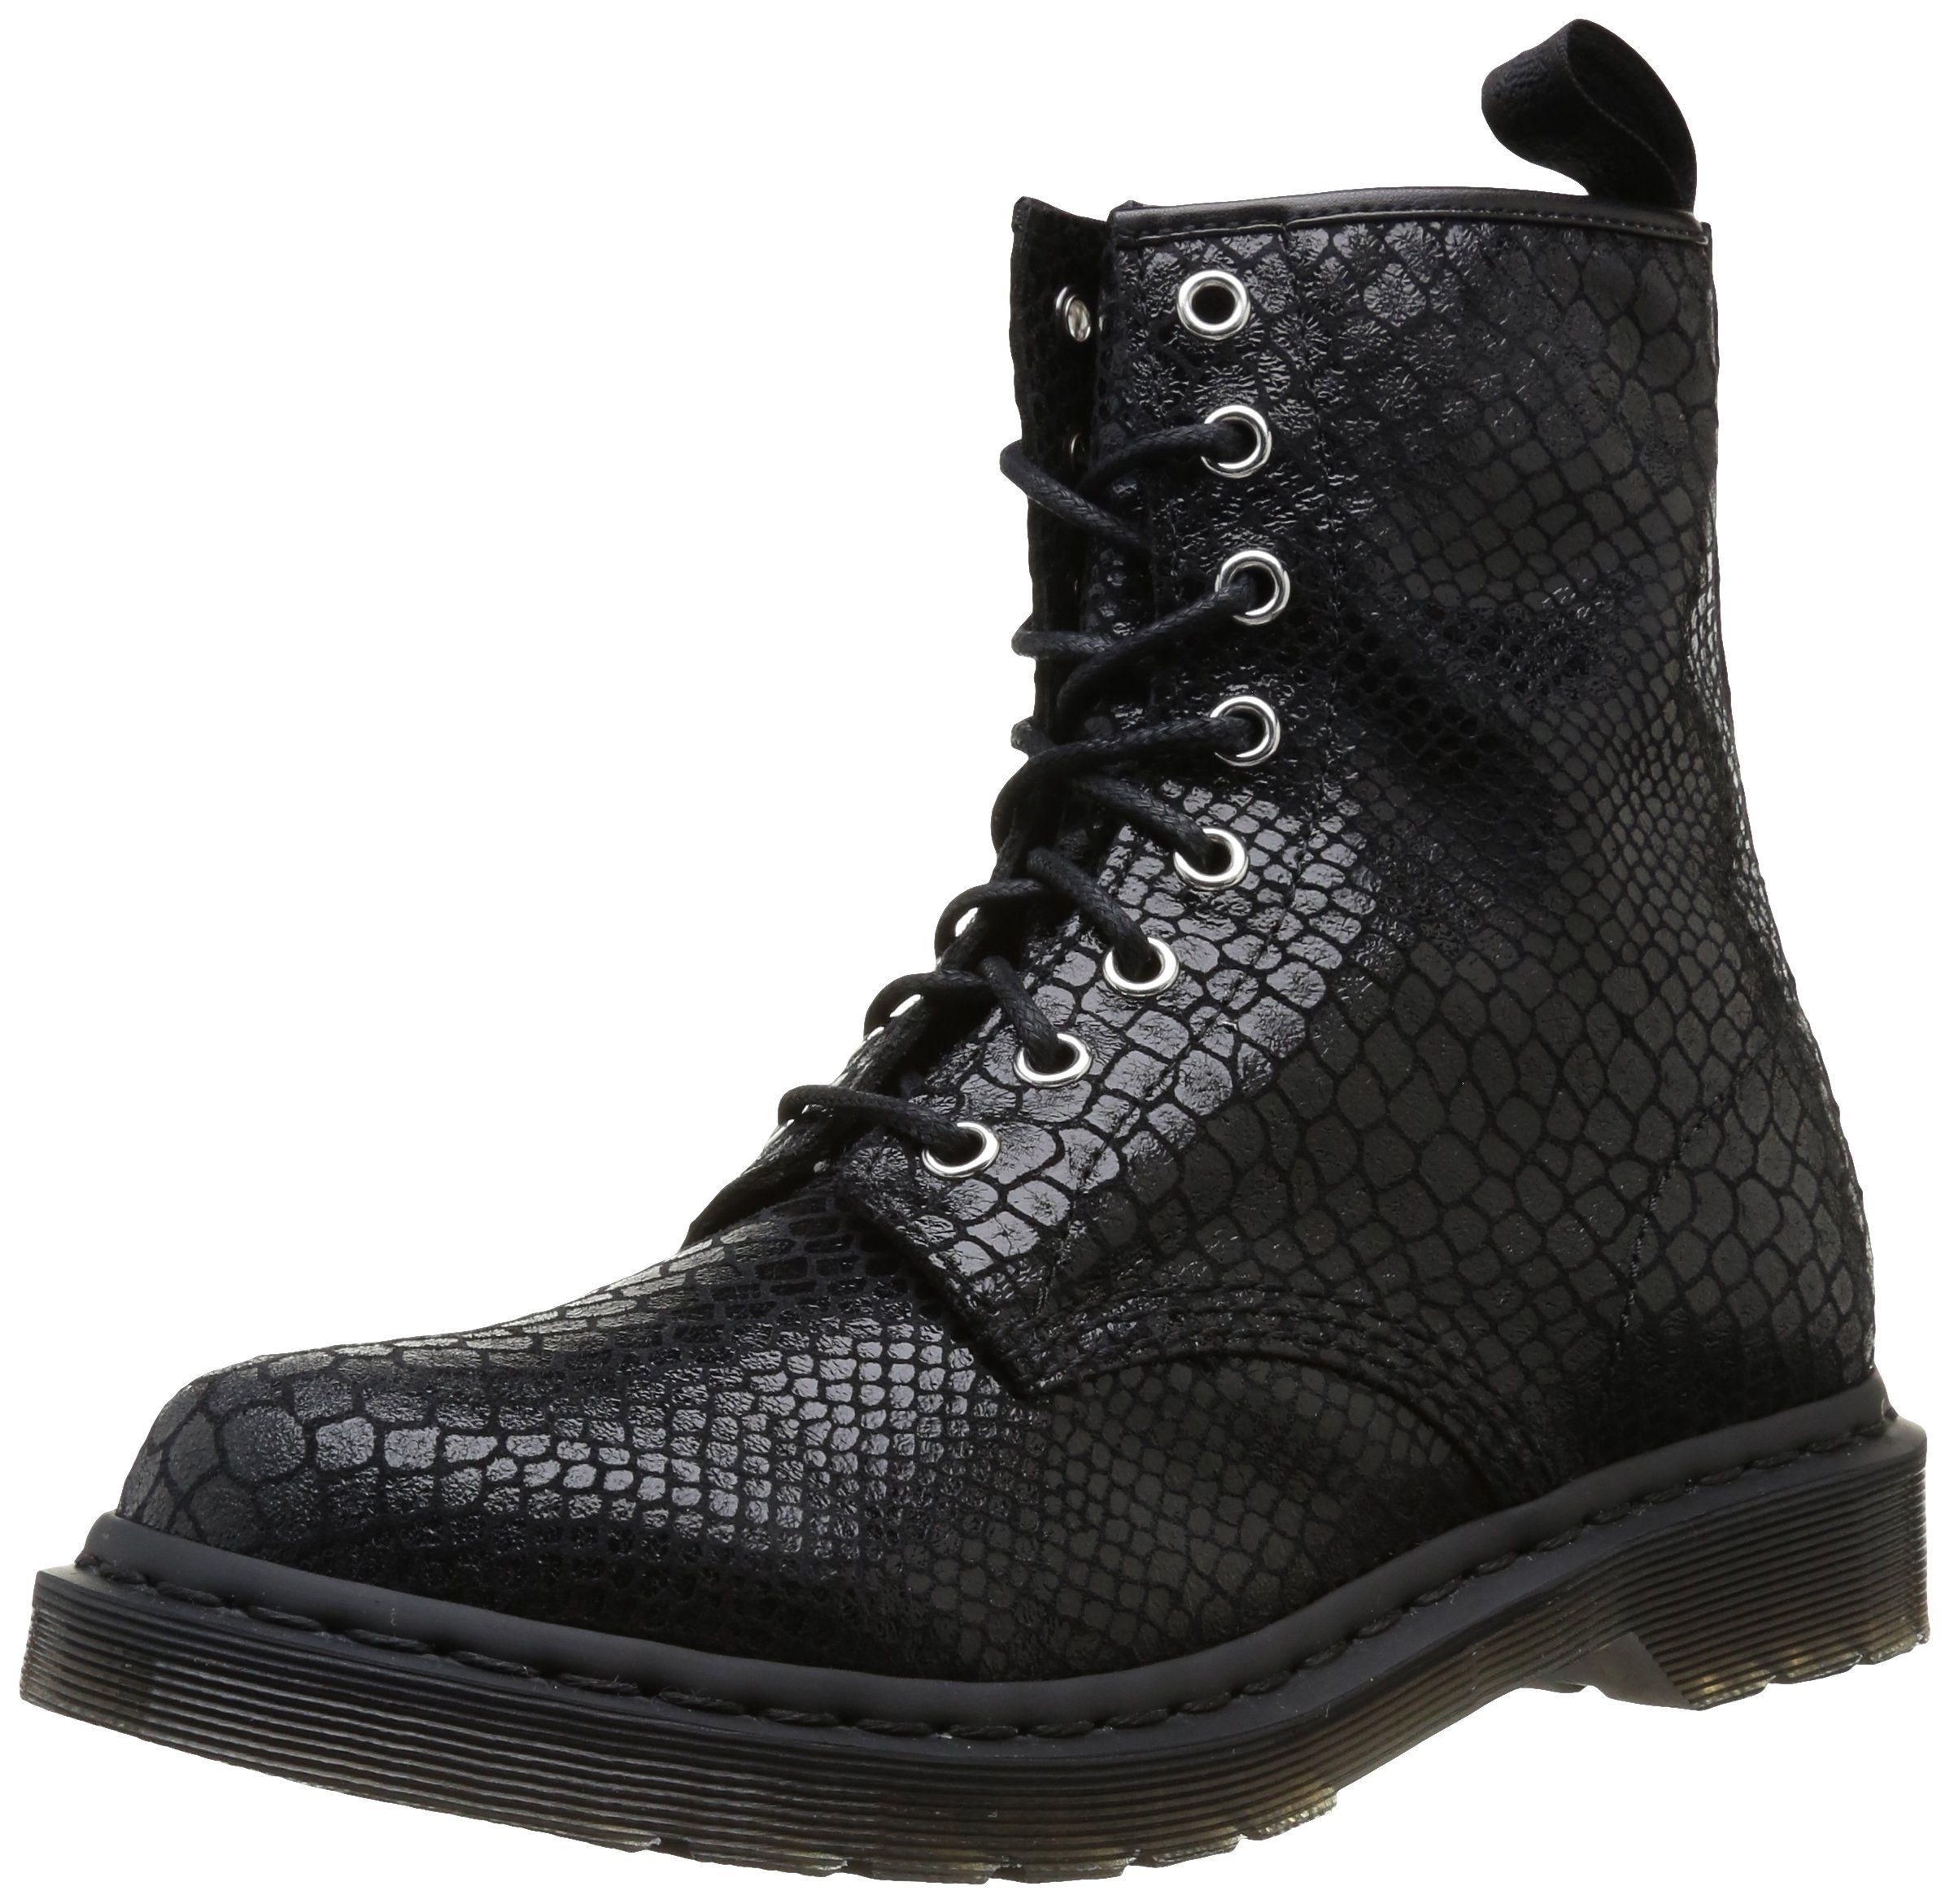 Dr. Martens 1460 W, Boots femme - Noir (Black Hi Shine Snake)